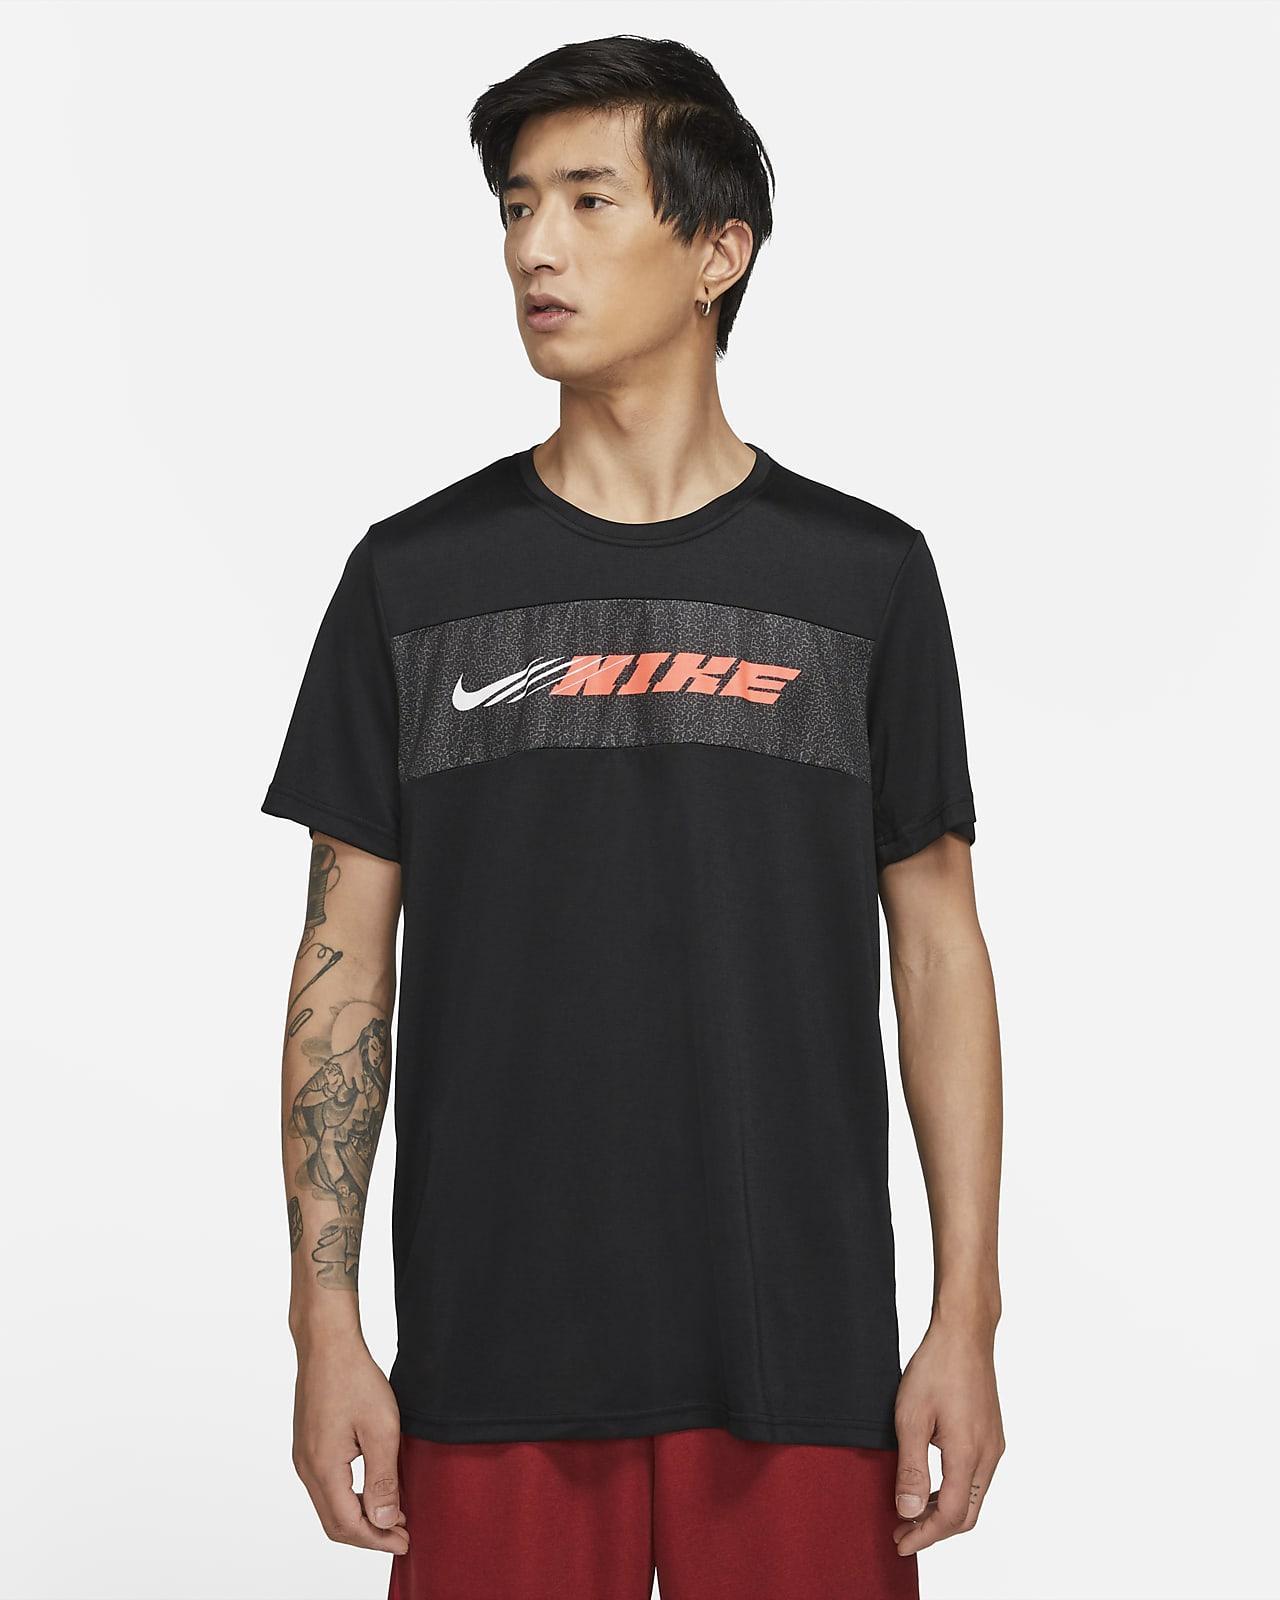 Pánské tréninkové tričko Nike Dri-FIT Superset Sport Clash skrátkým rukávem